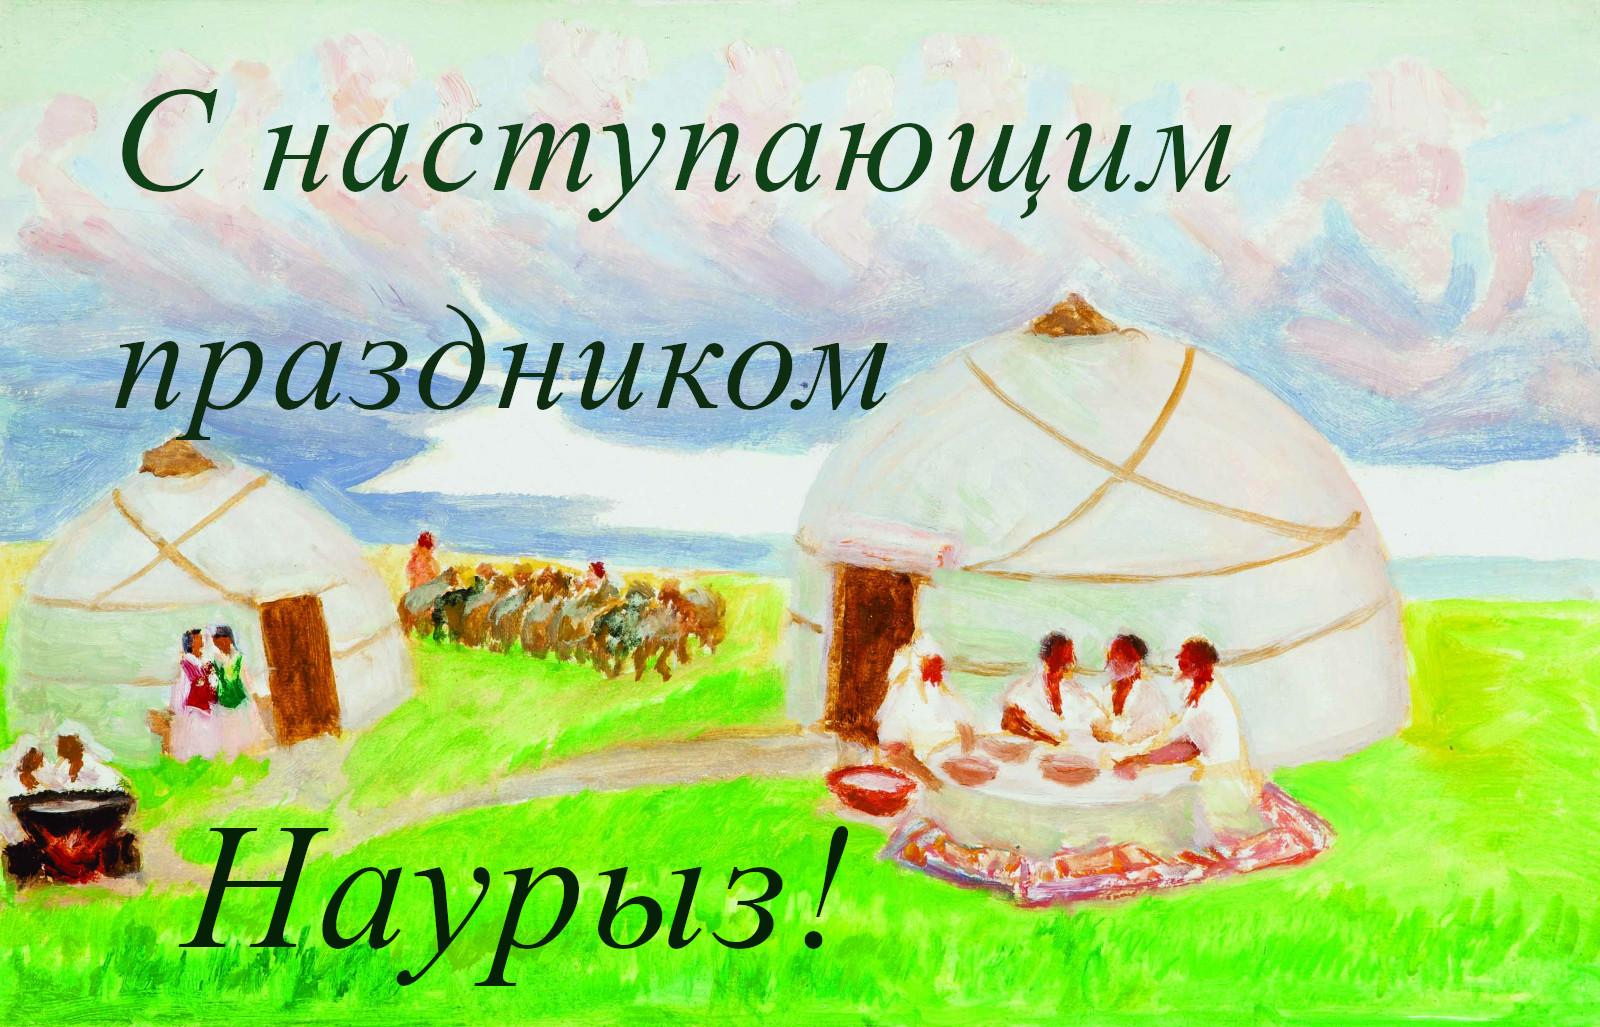 22 марта наурыз , открытки с наступающим праздником наурыз , с юртой. 22 марта наурыз , открытки, картинки  с наступающим праздником наурыз , поздравления с  наступающим светлым праздником наурыз ,с юрьой, с наступающим наурызом .